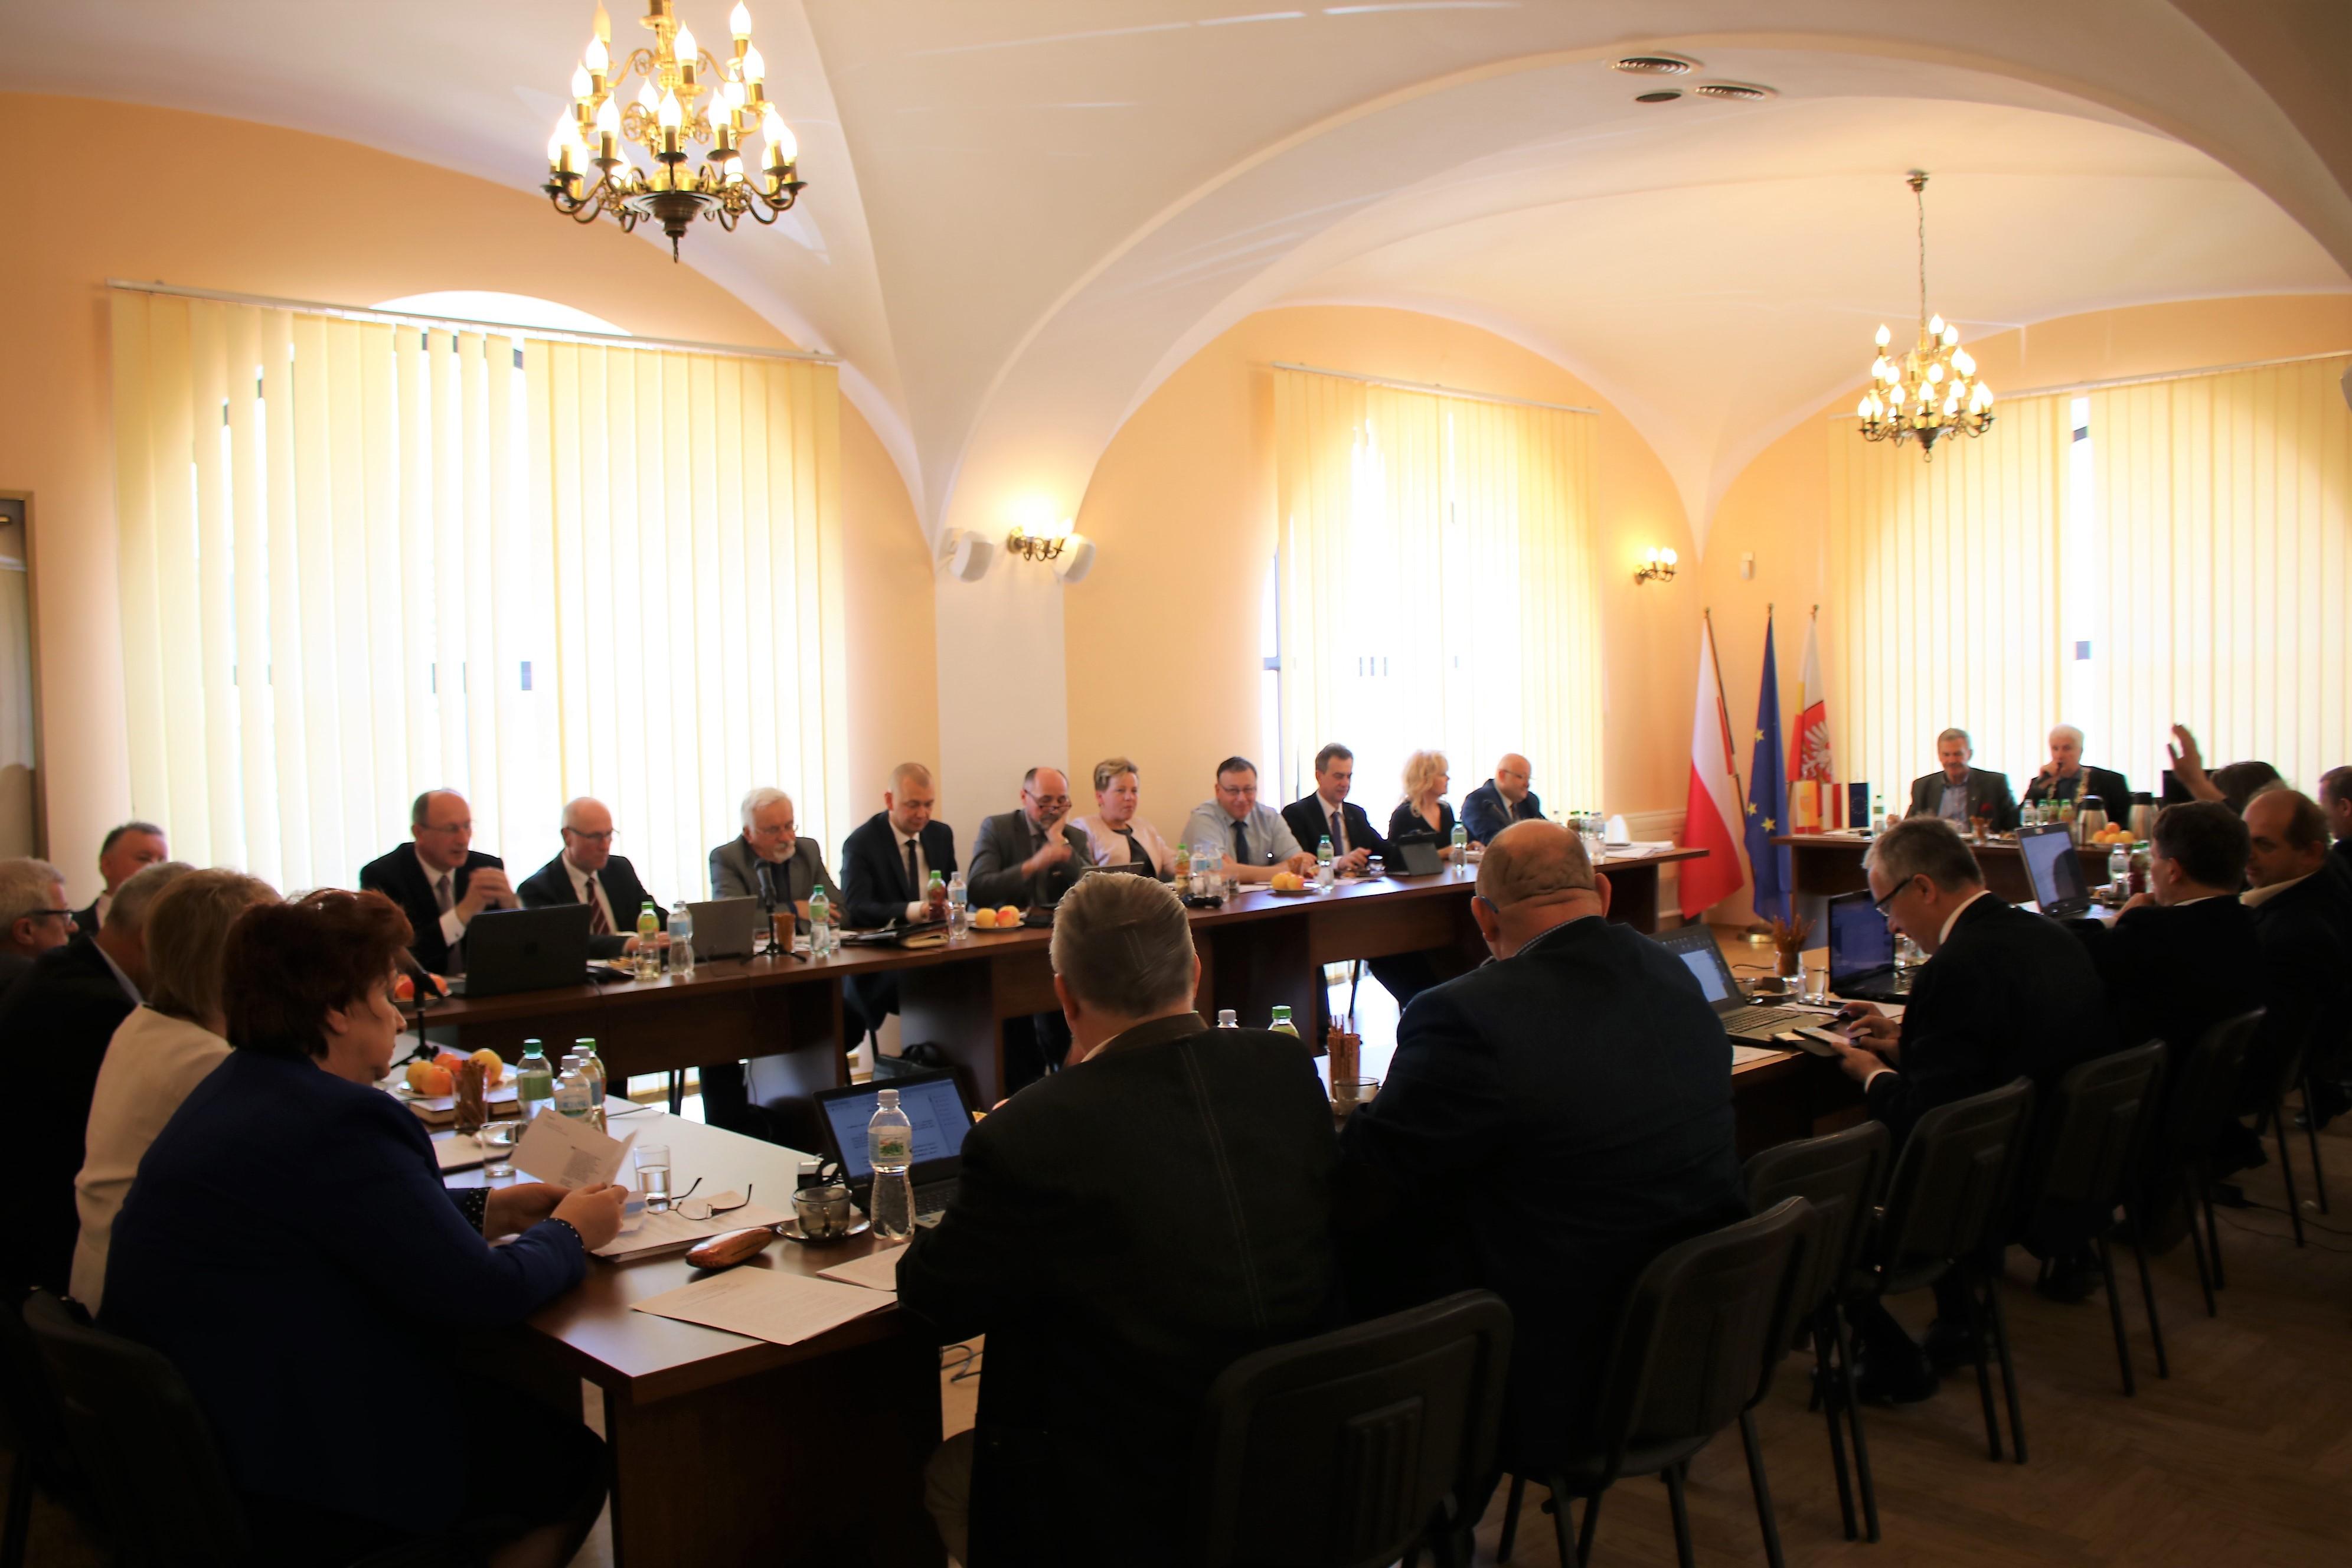 Grono radnych podczas sesji rady powiatu